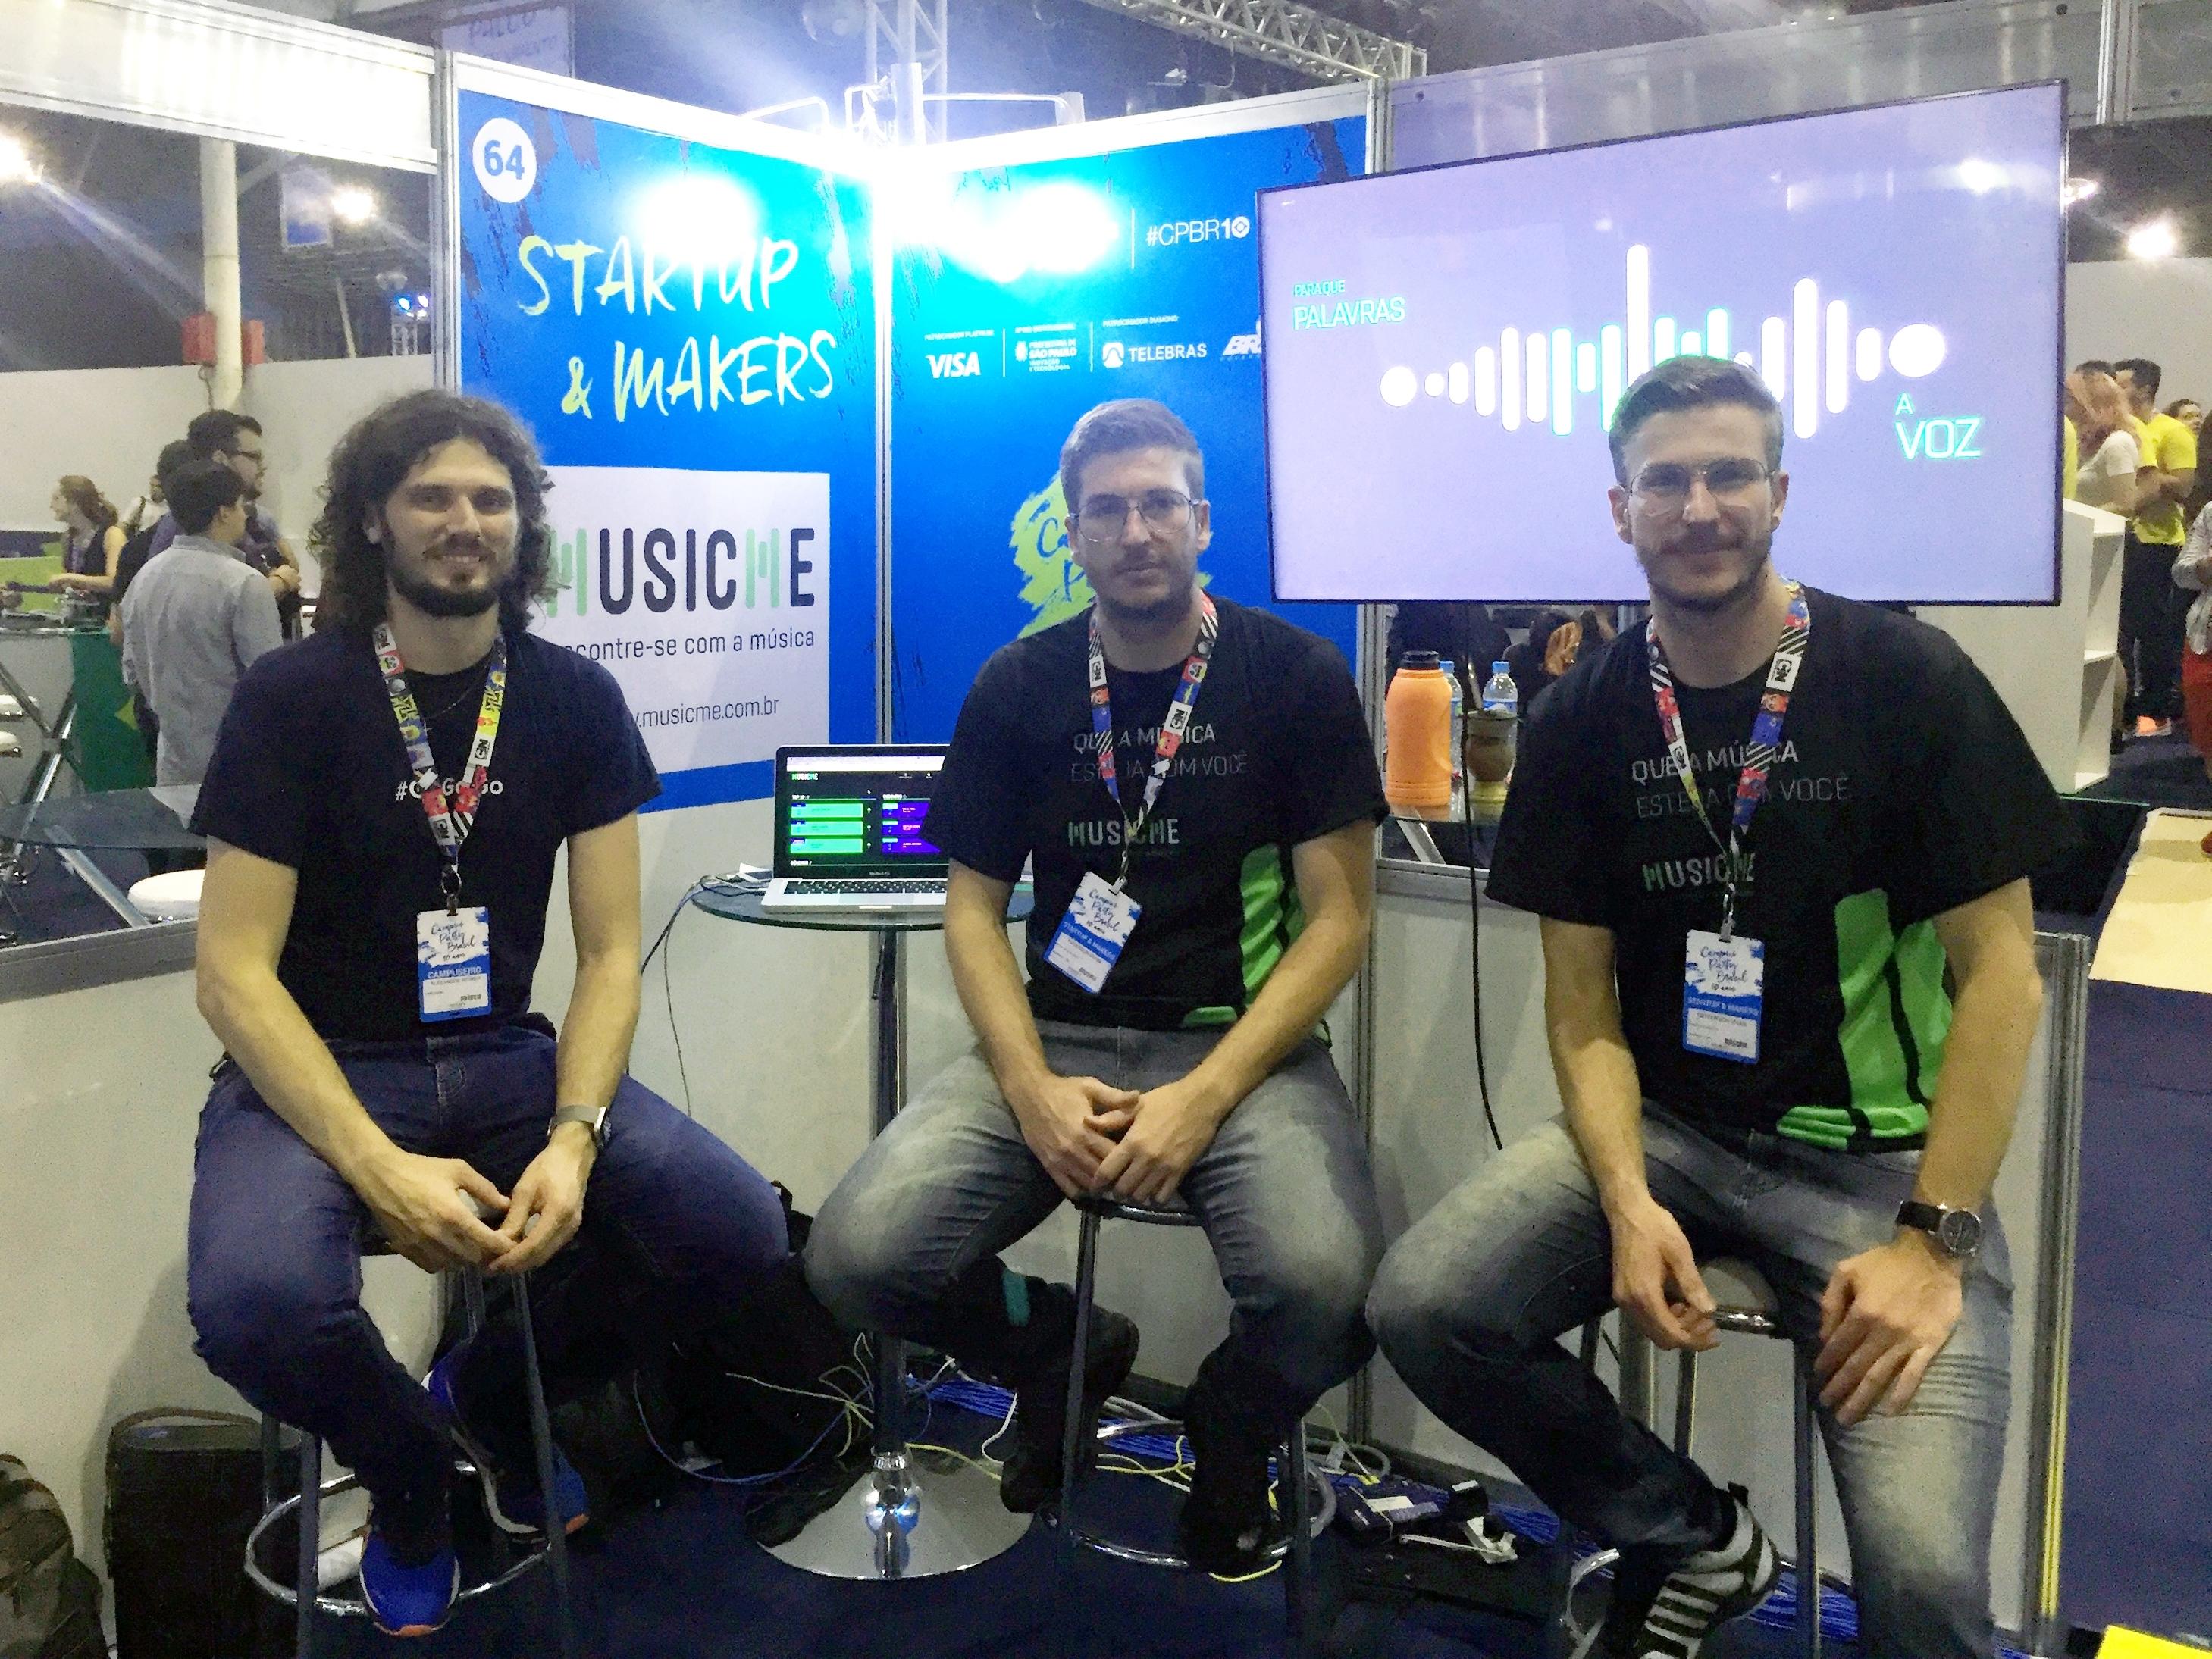 Startup cria plataforma para o comércio de músicas